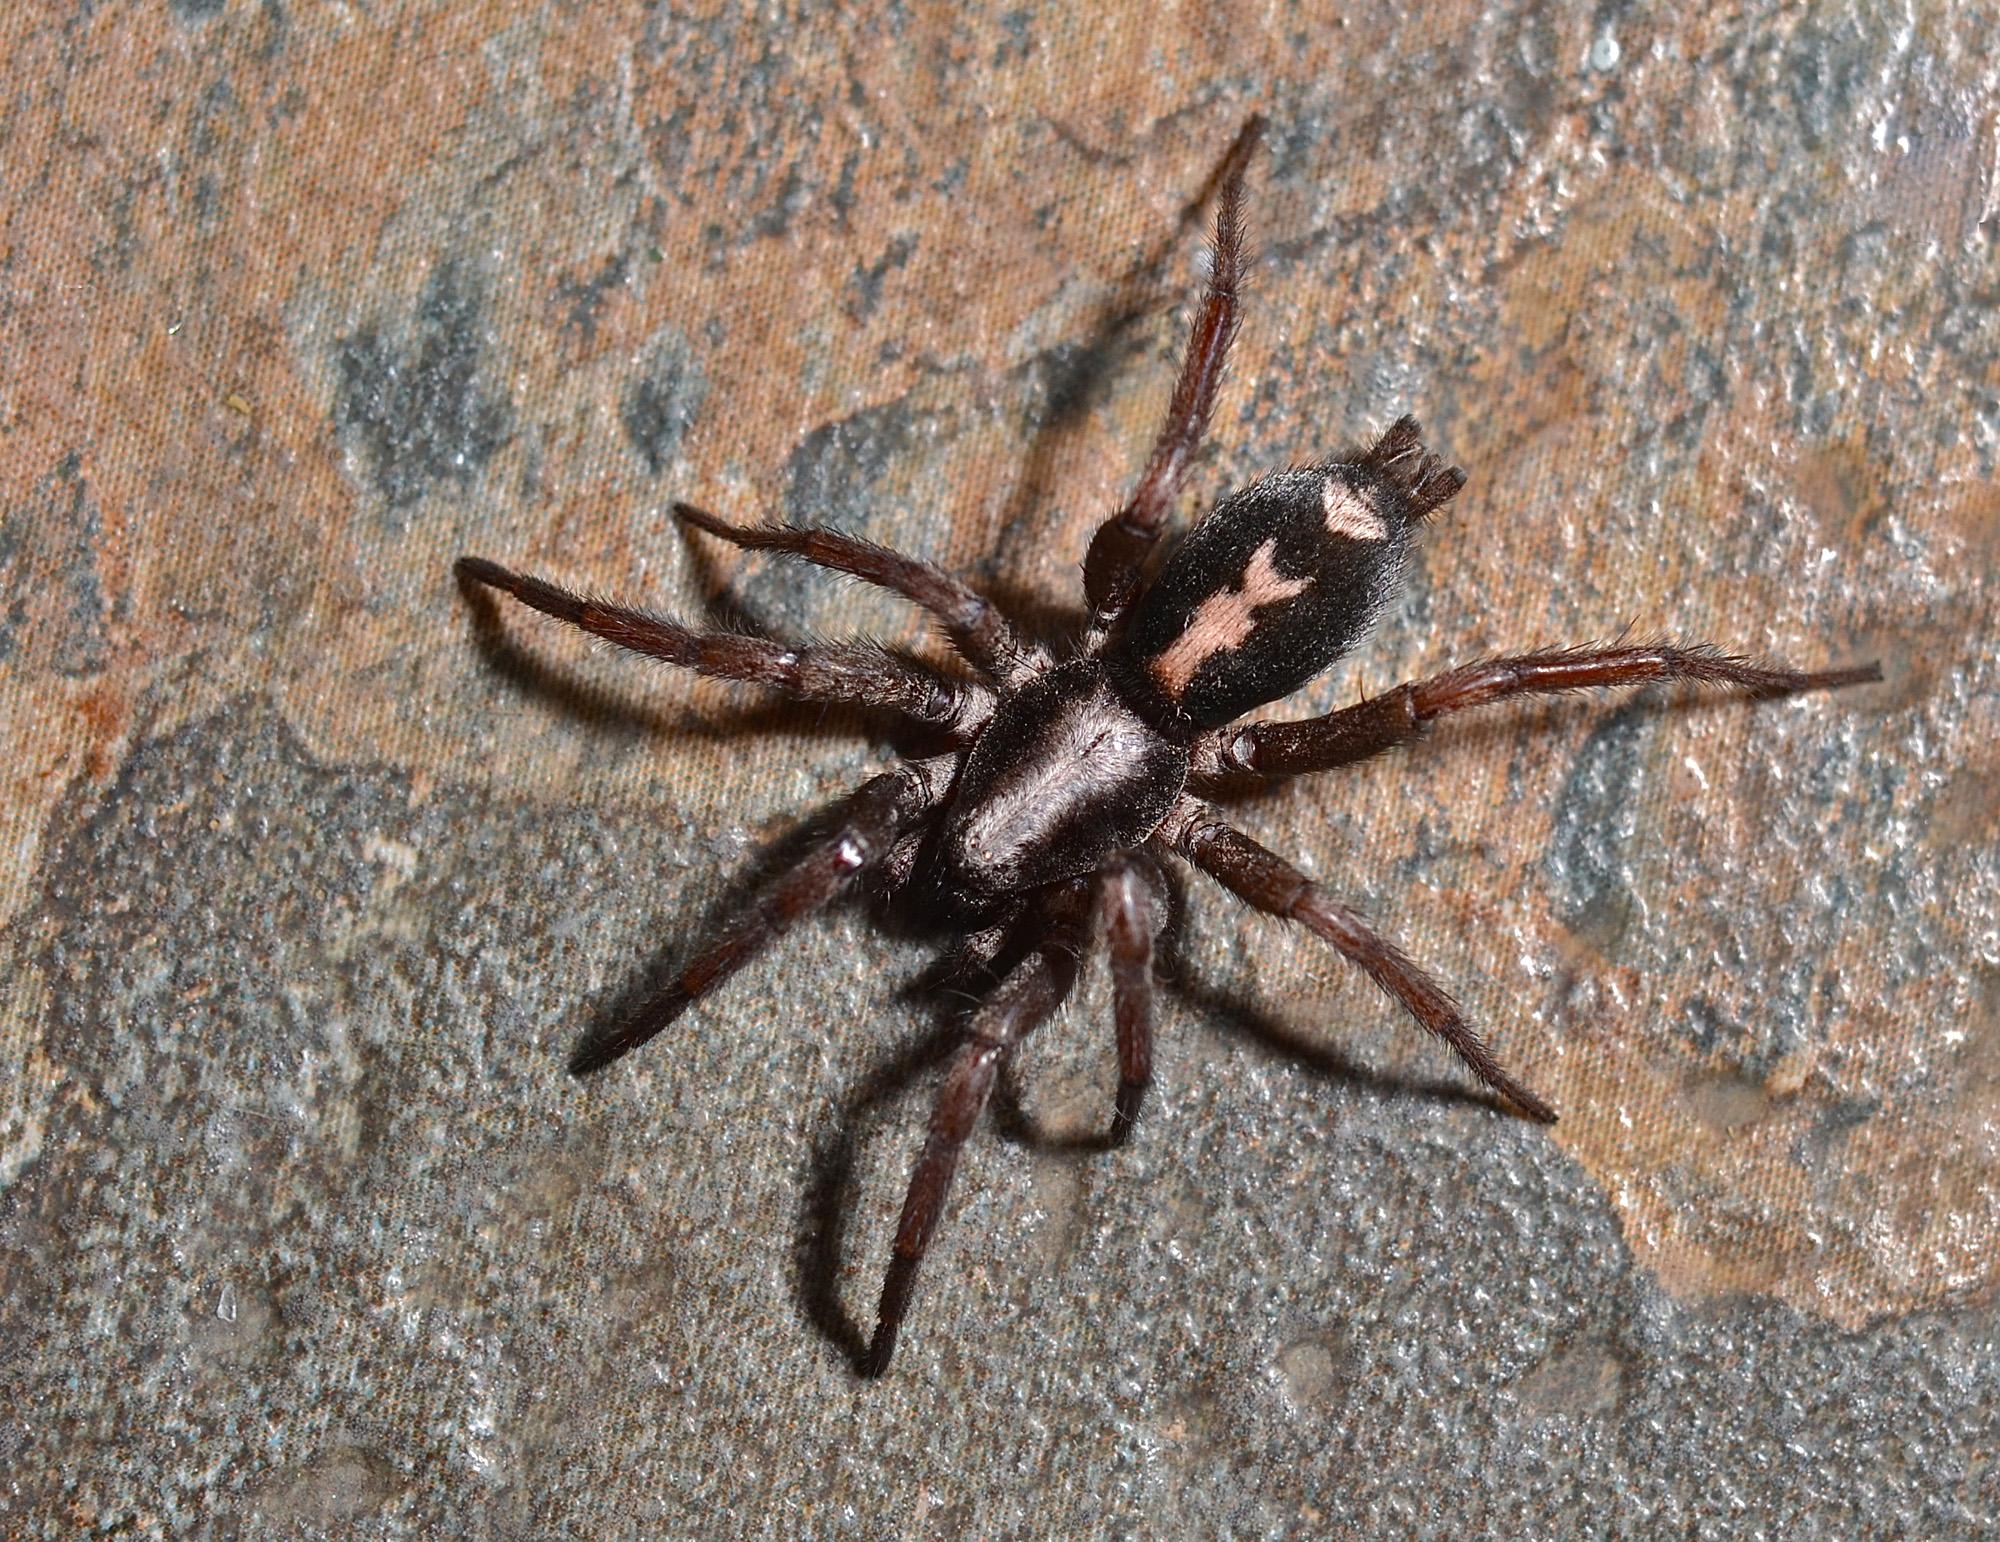 Eastern Parson Spider Herpyllus Ecclesiasticus Things Biological